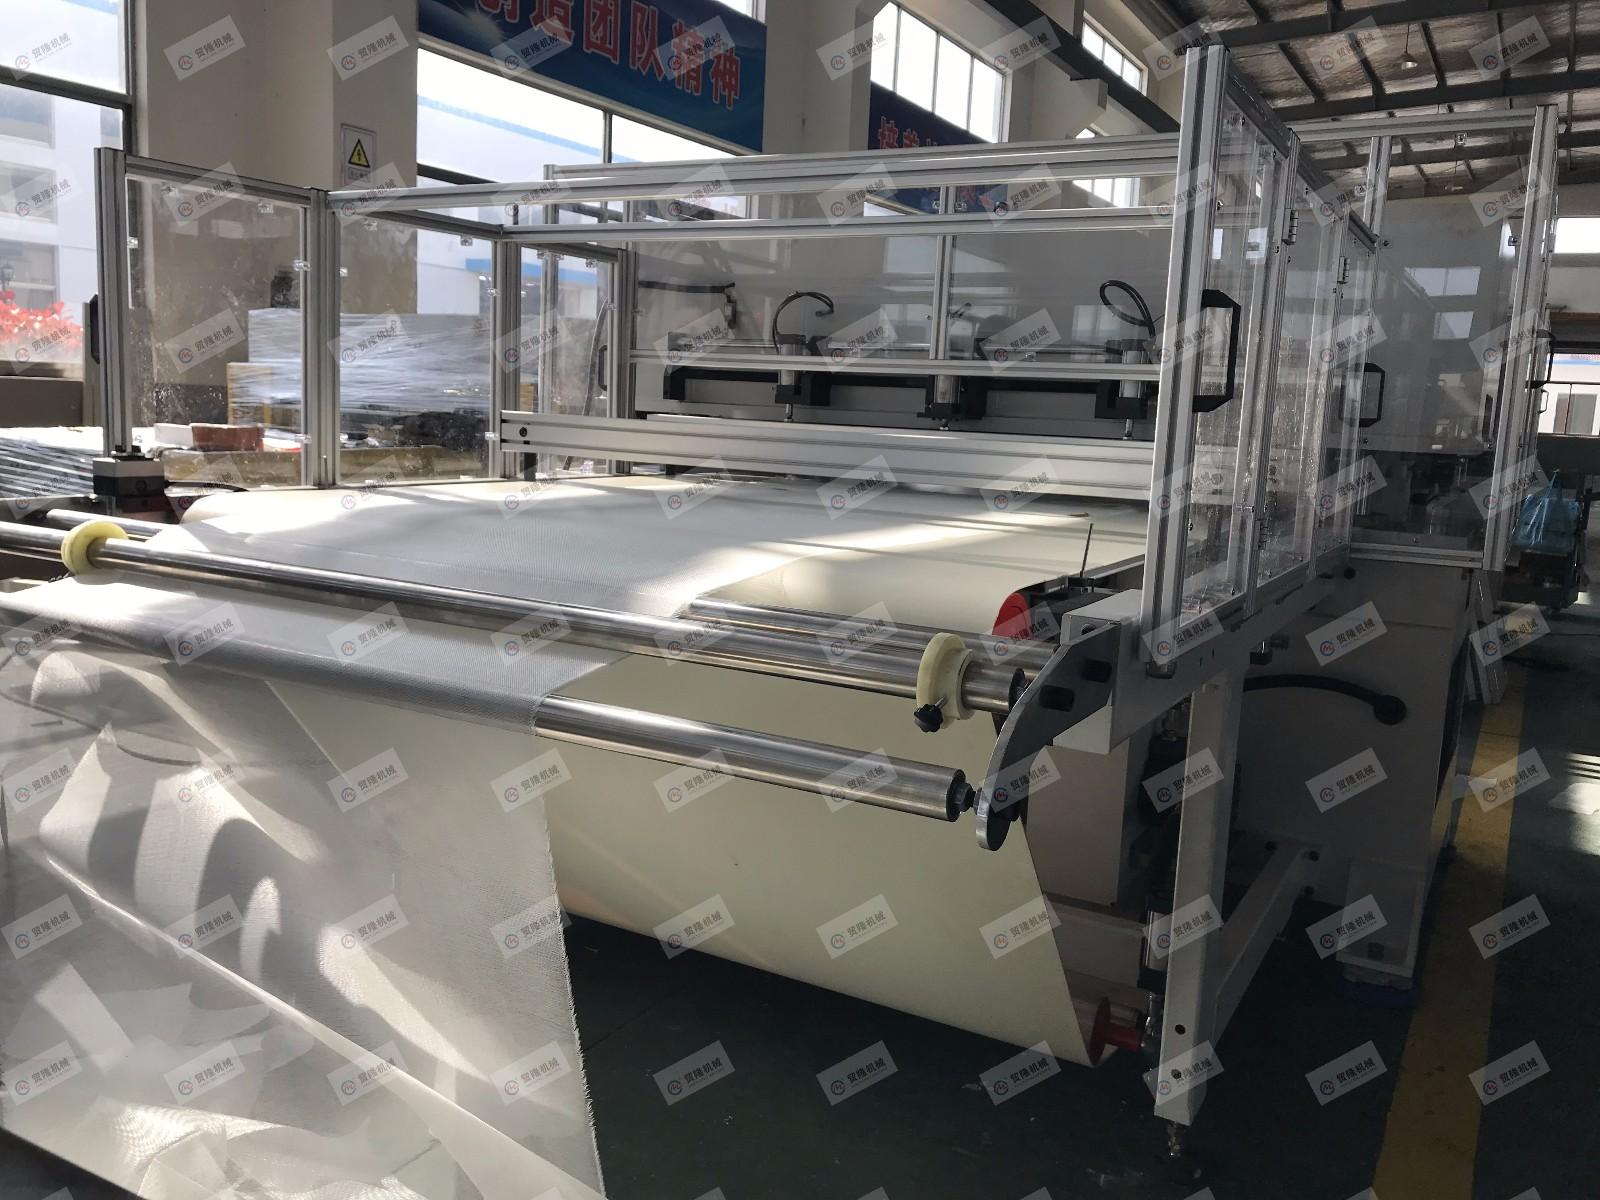 玻璃纤维,汽车内饰,裁断机,裁切机,下料机,模切机,耐热纤维